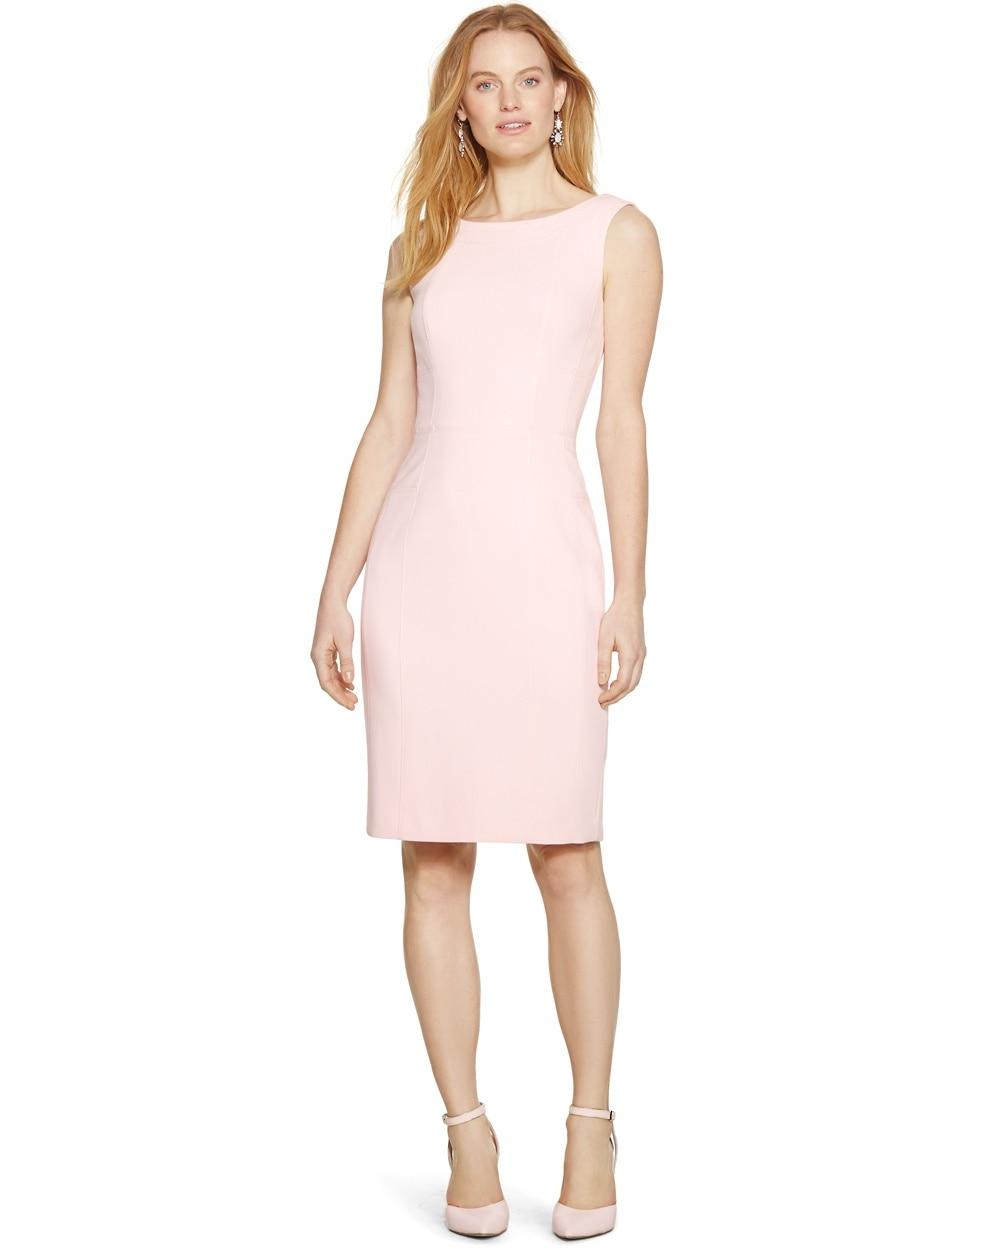 Pink Sleeveless Sheath Dress